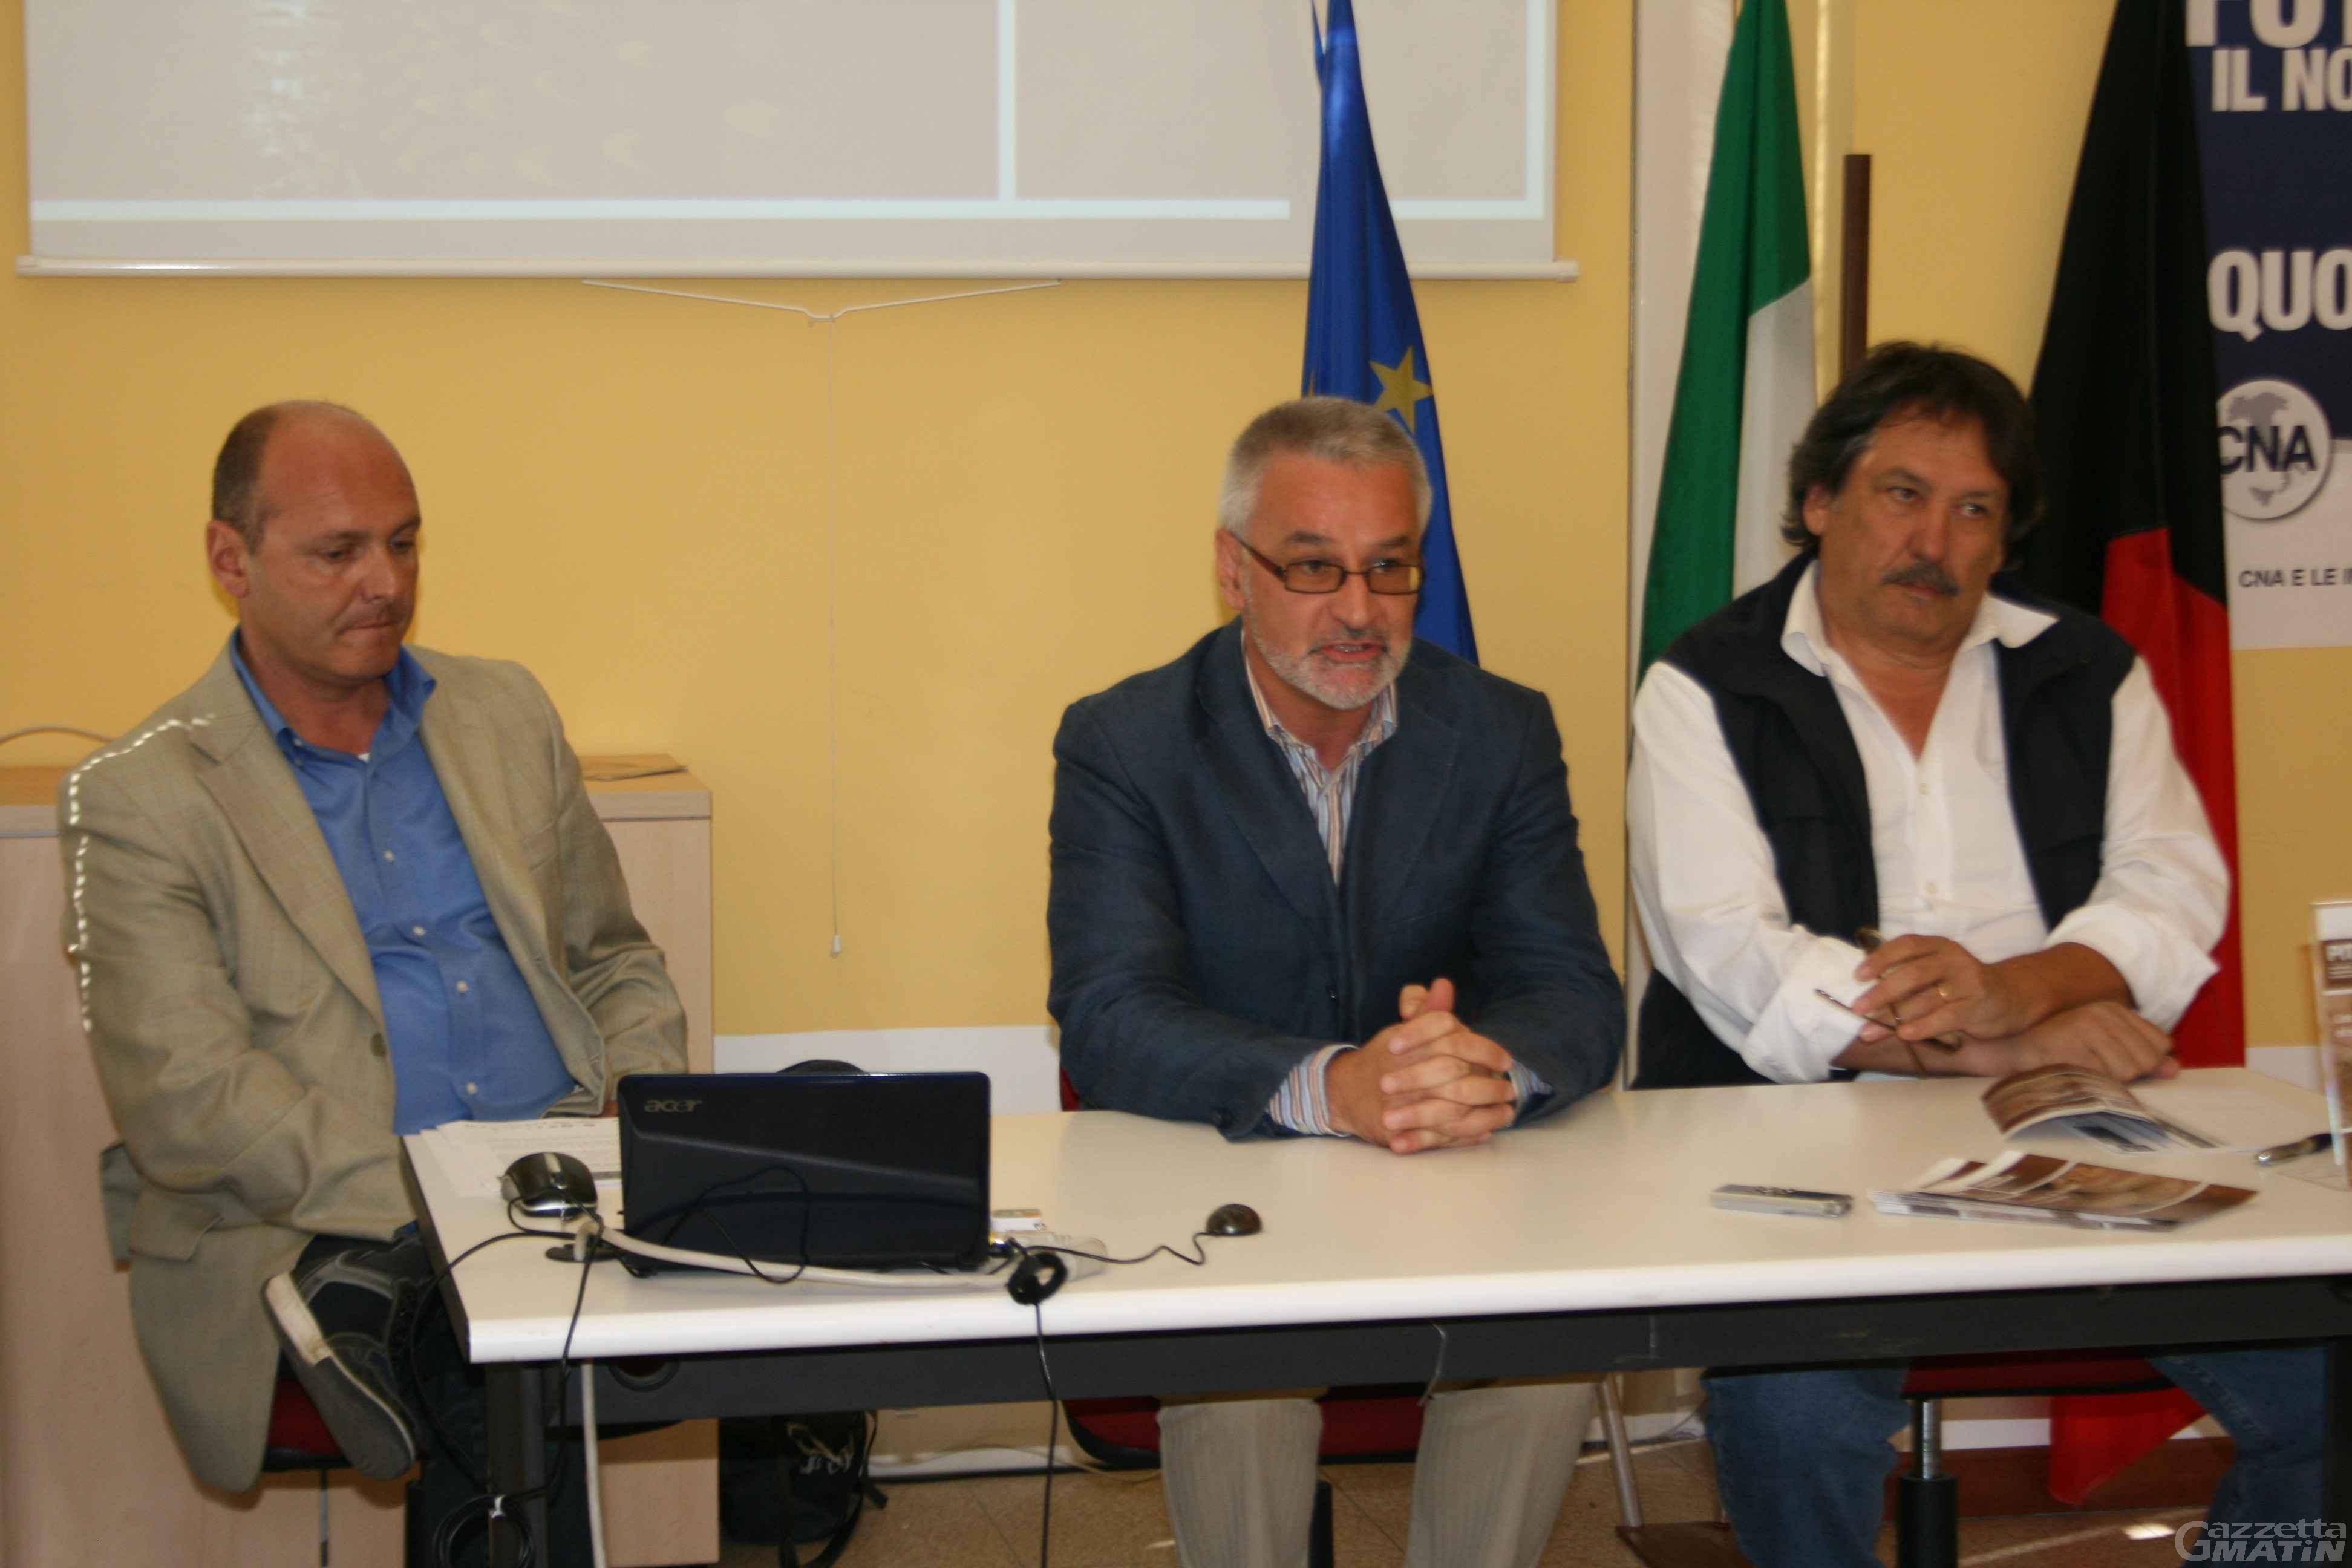 Piccoli produttori locali agroalimentari: un vademecum per destreggiarsi tra leggi e normativa europea